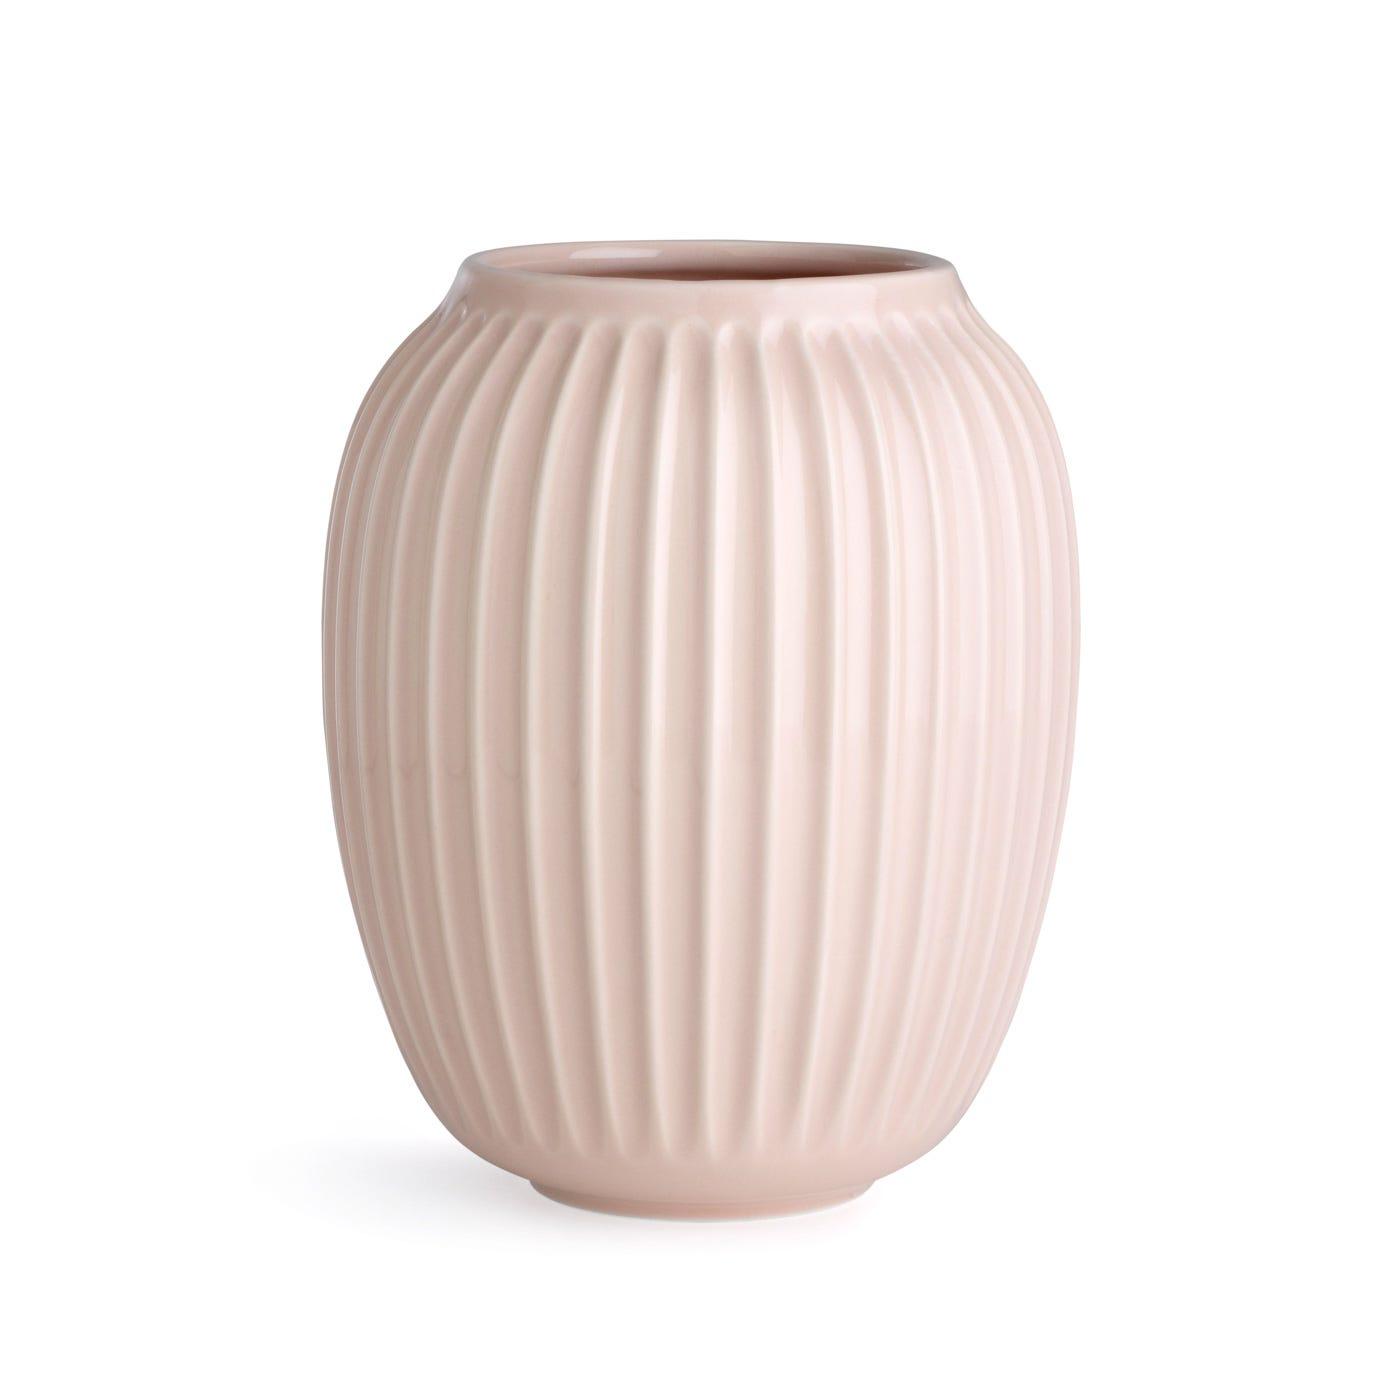 Hammershoi Ridged Vase Large Pink